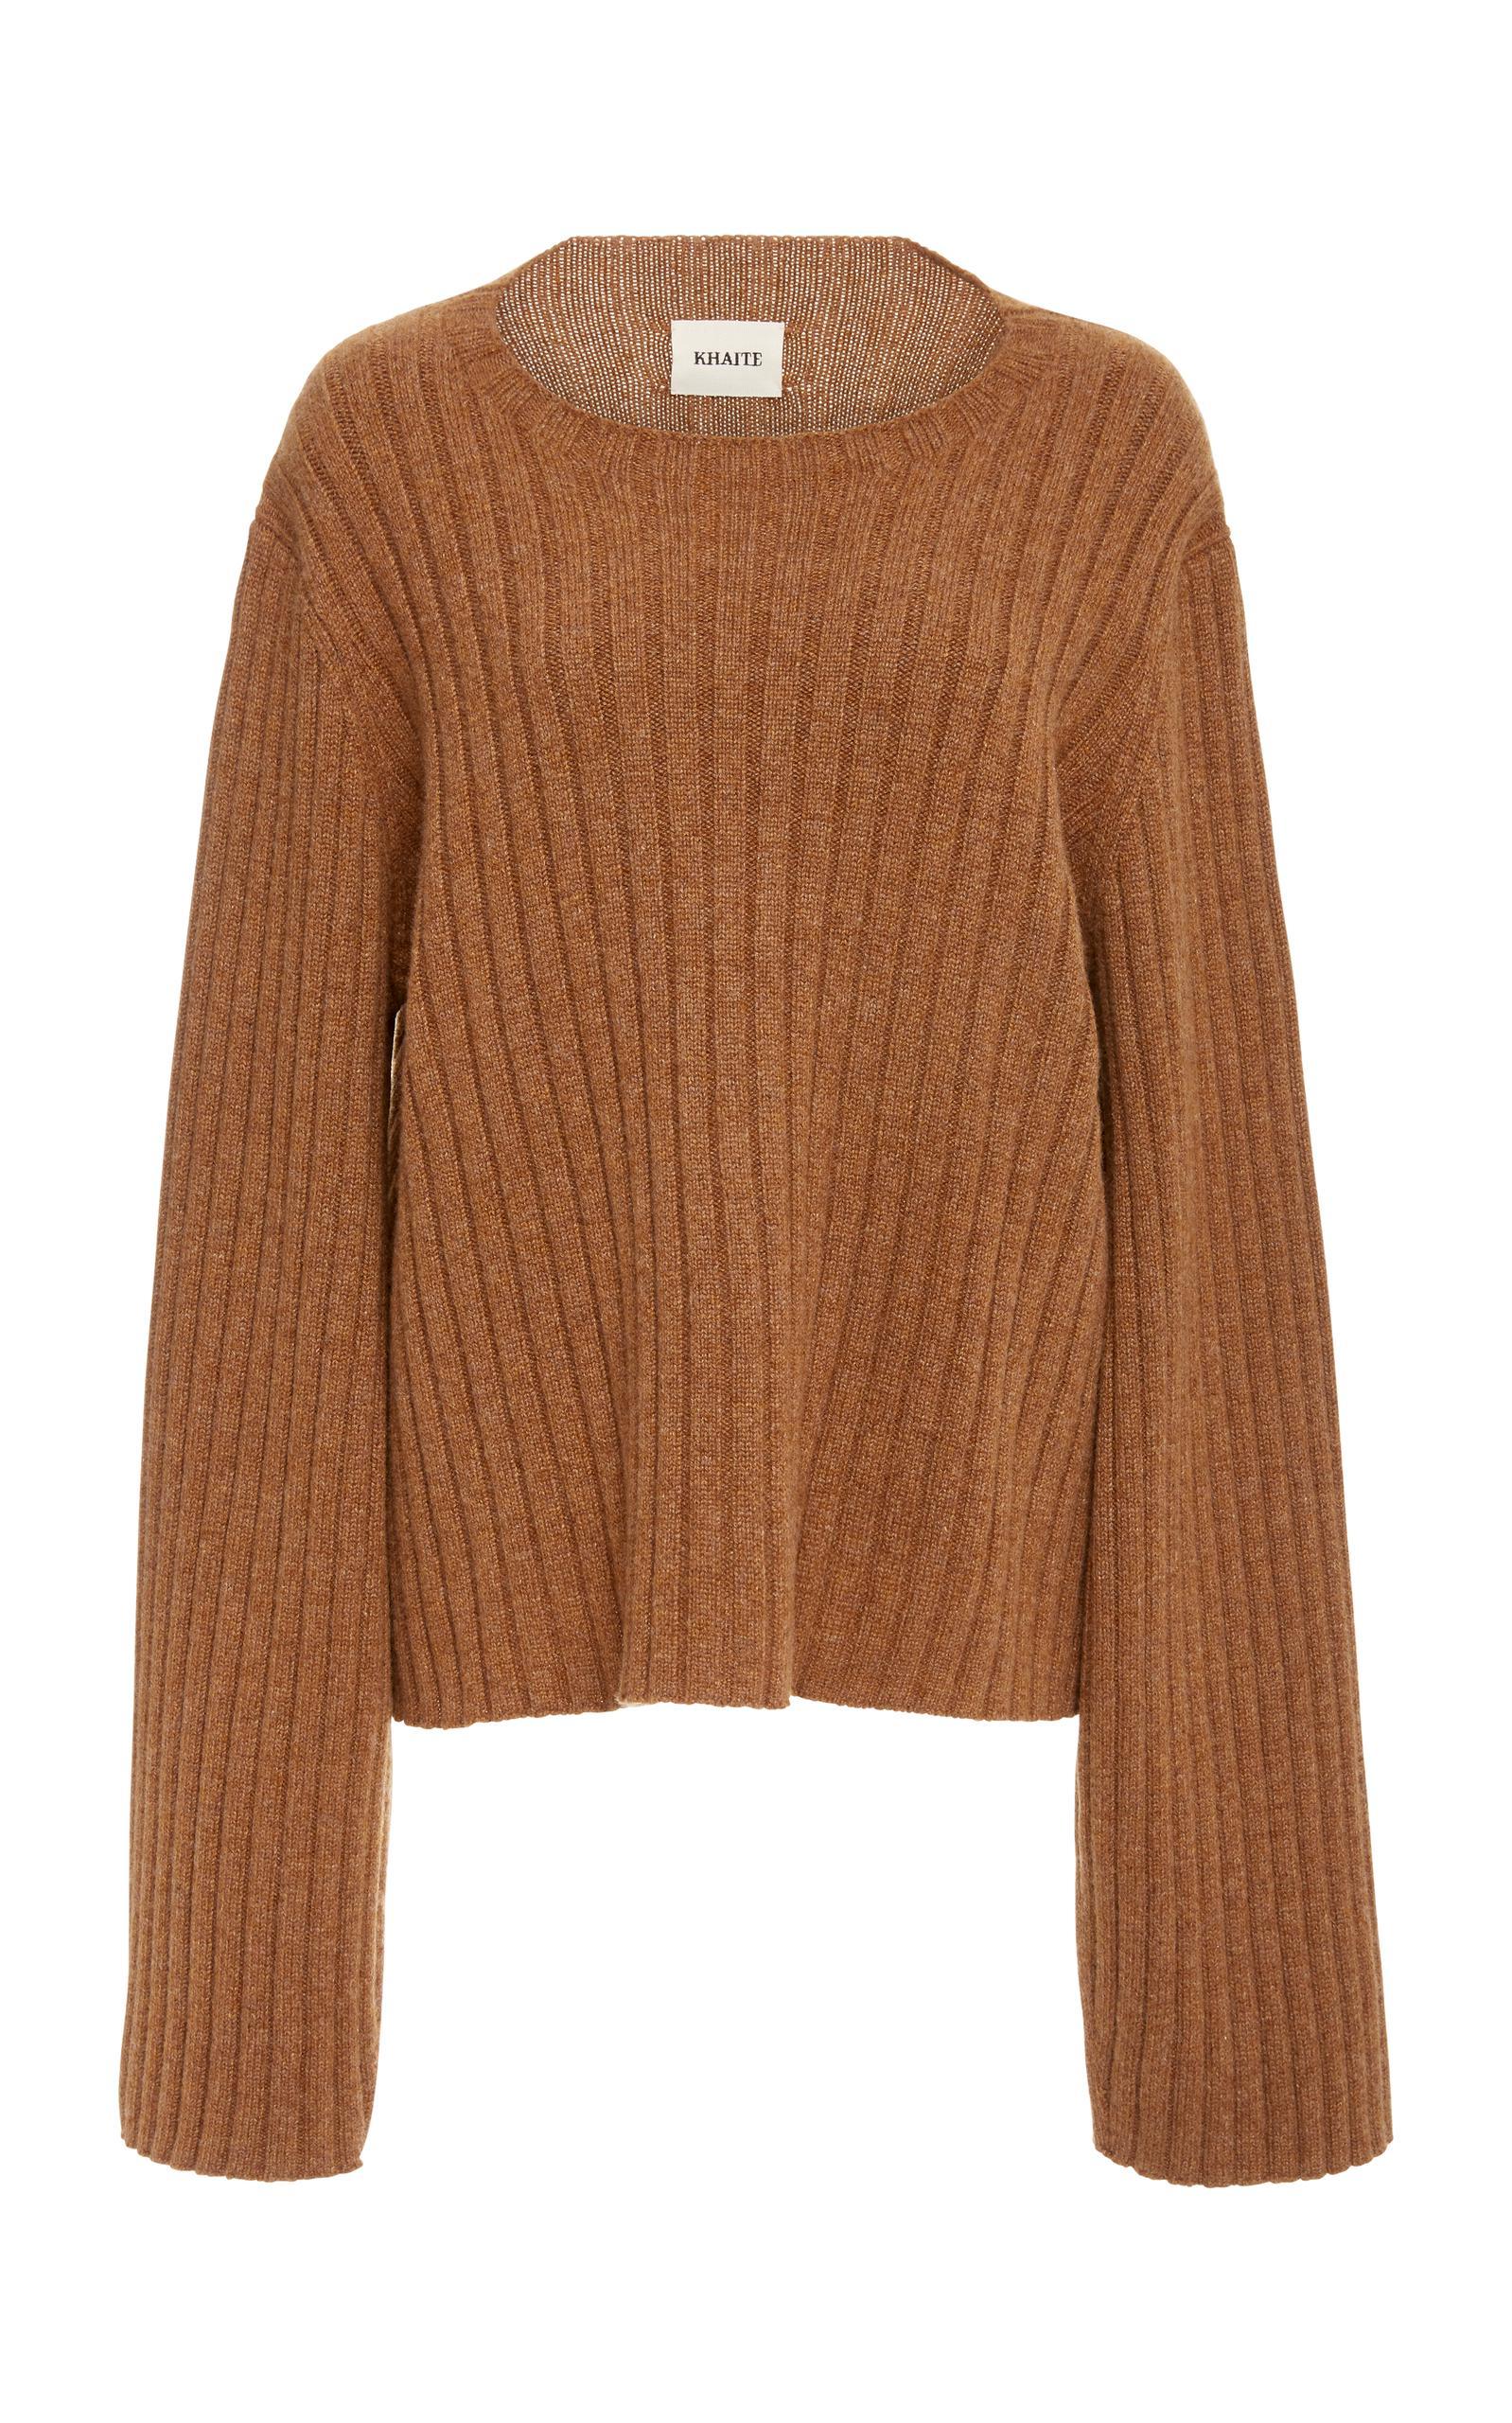 Khaite Loretta Rib Knit Sweater in Brown | Lyst